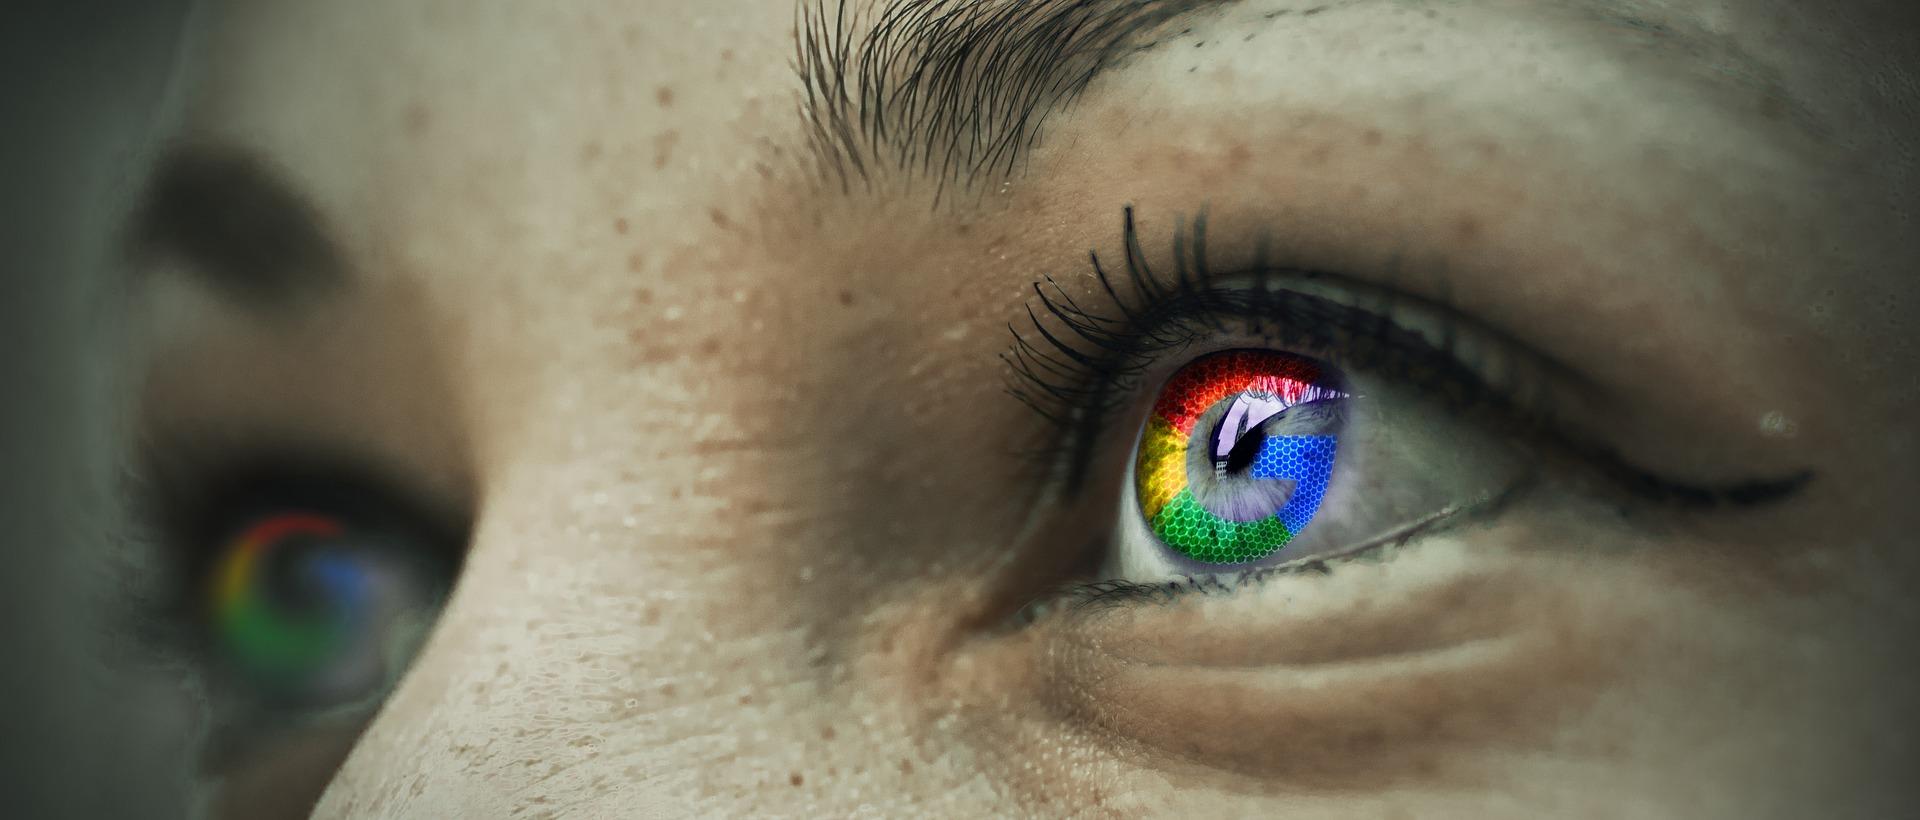 Google eye-1686932_1920